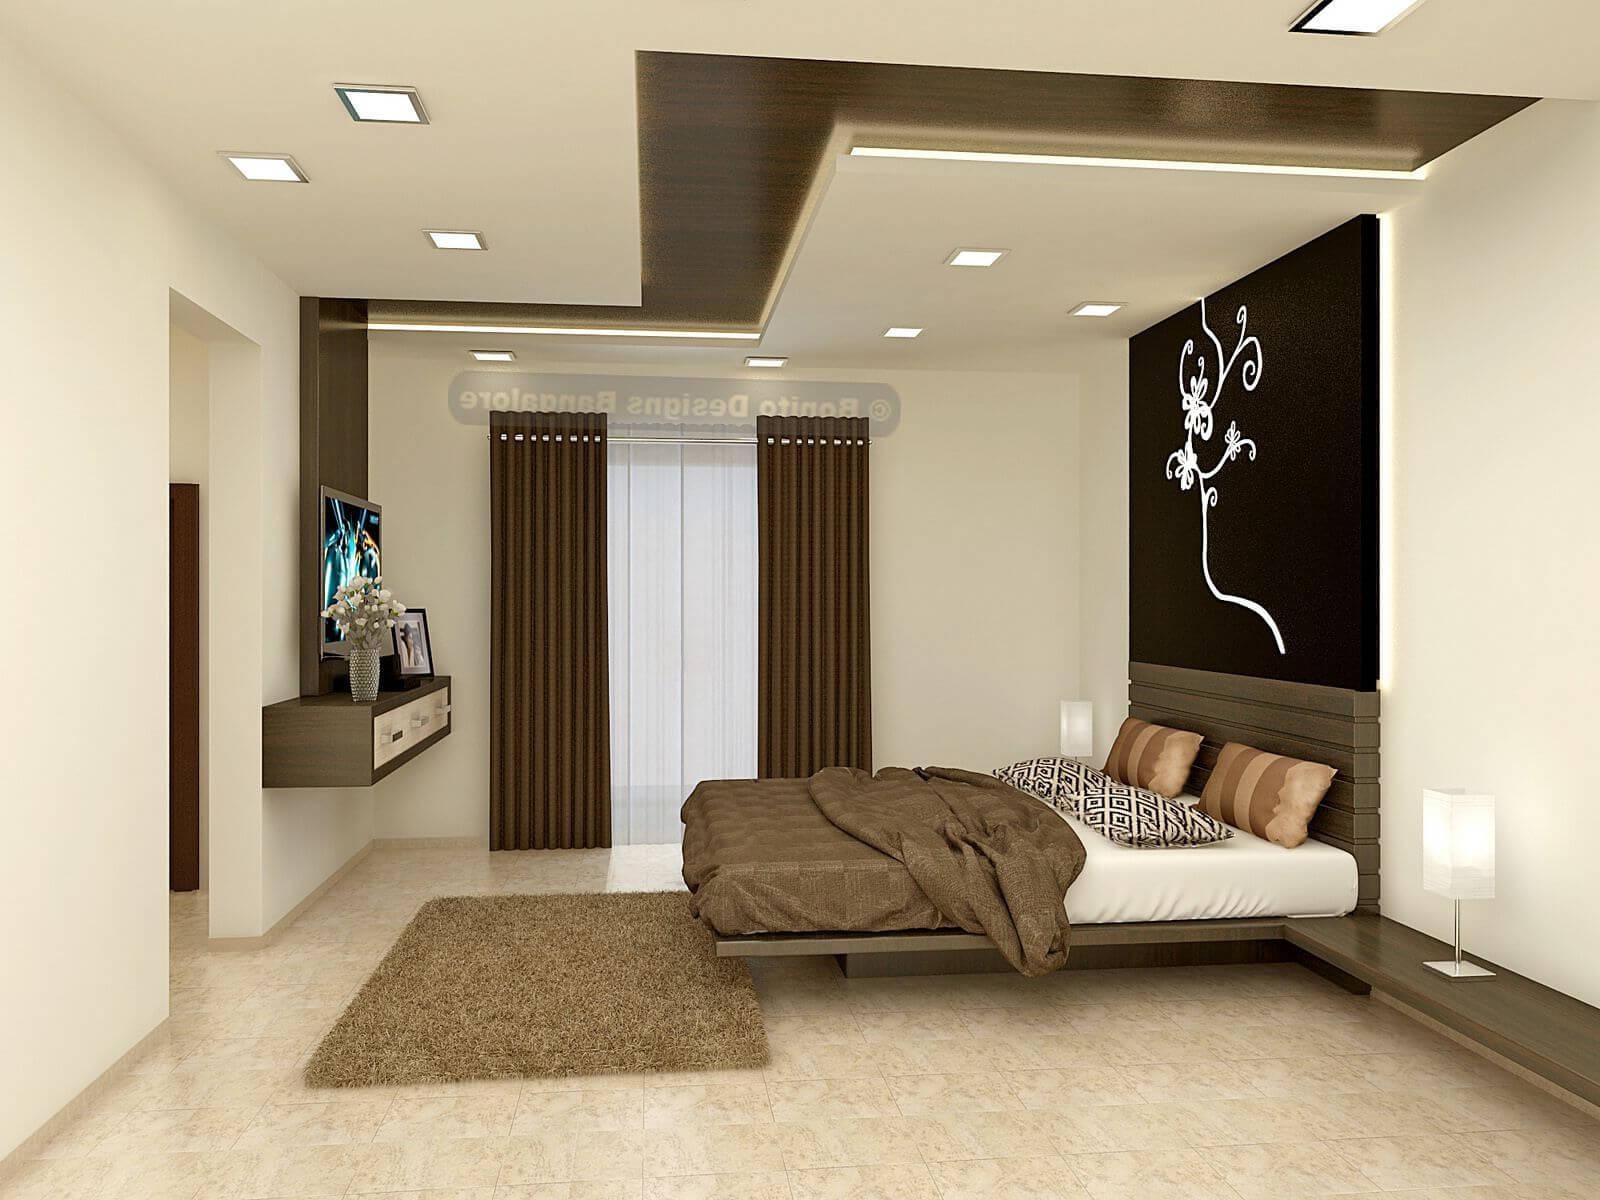 красивая спальня с гипсокартонным потолком